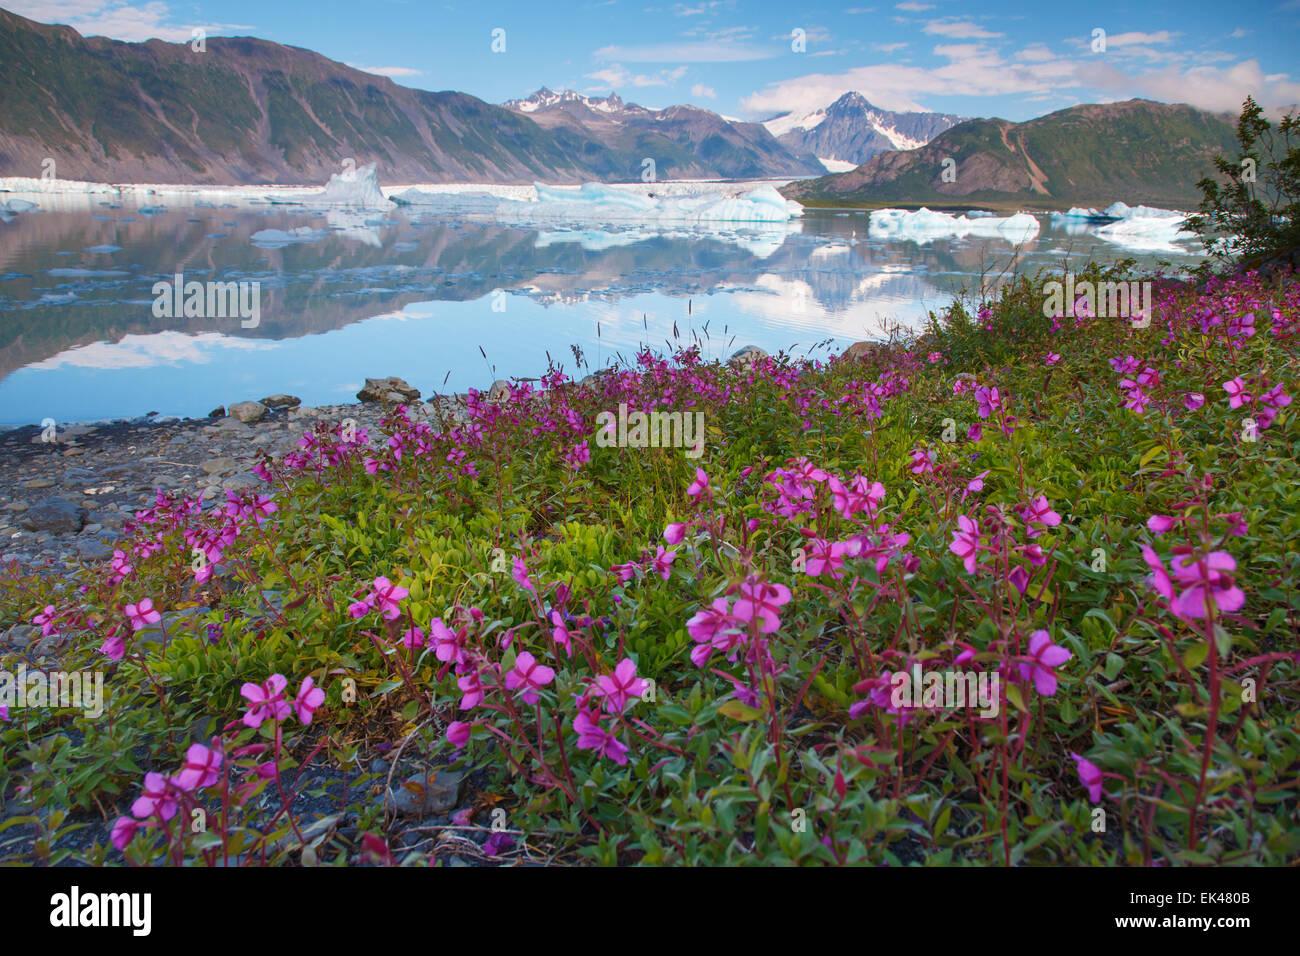 Oso laguna glaciar, fiordos de Kenai National Park, cerca de Seward, Alaska. Imagen De Stock